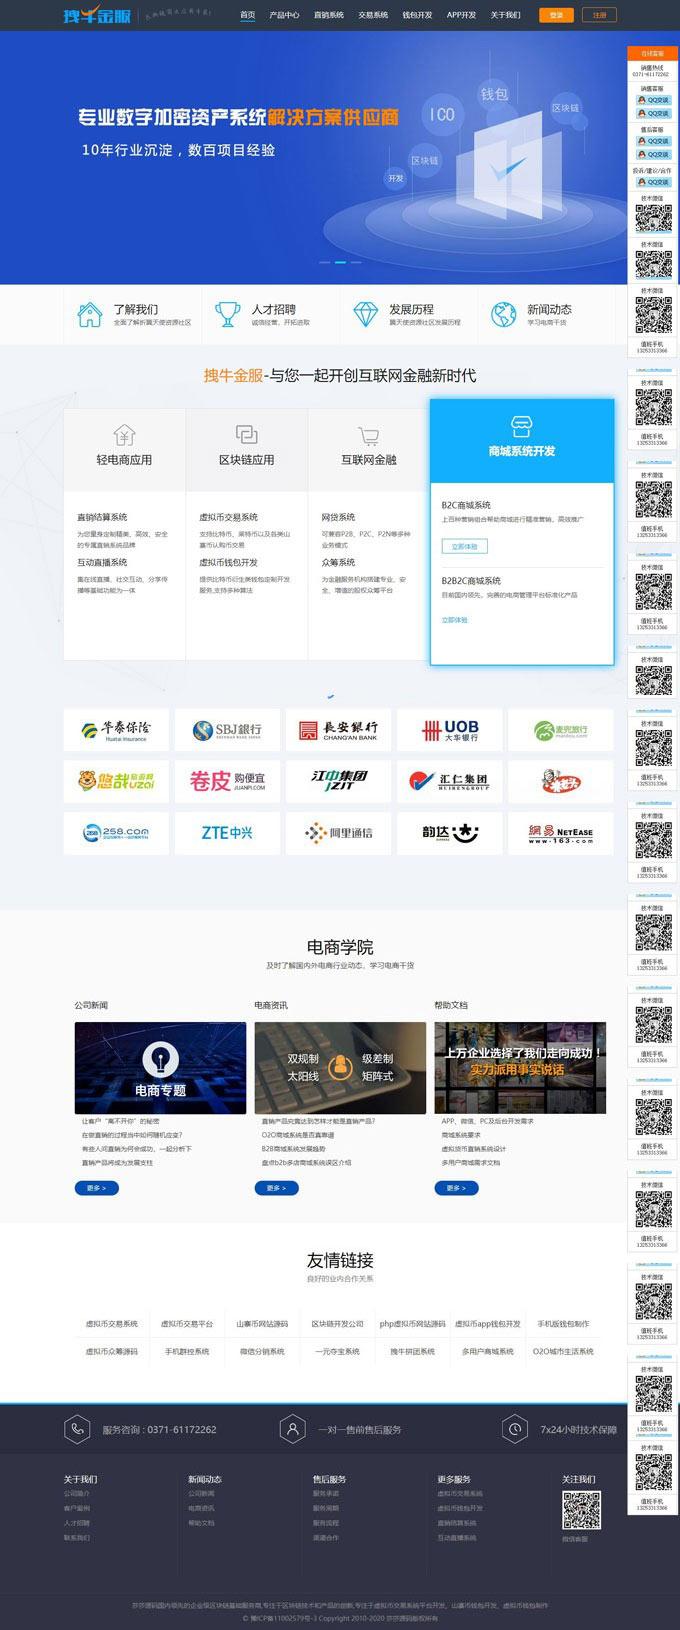 帝国CMS内核开发虚拟货币交易平台开发企业源码